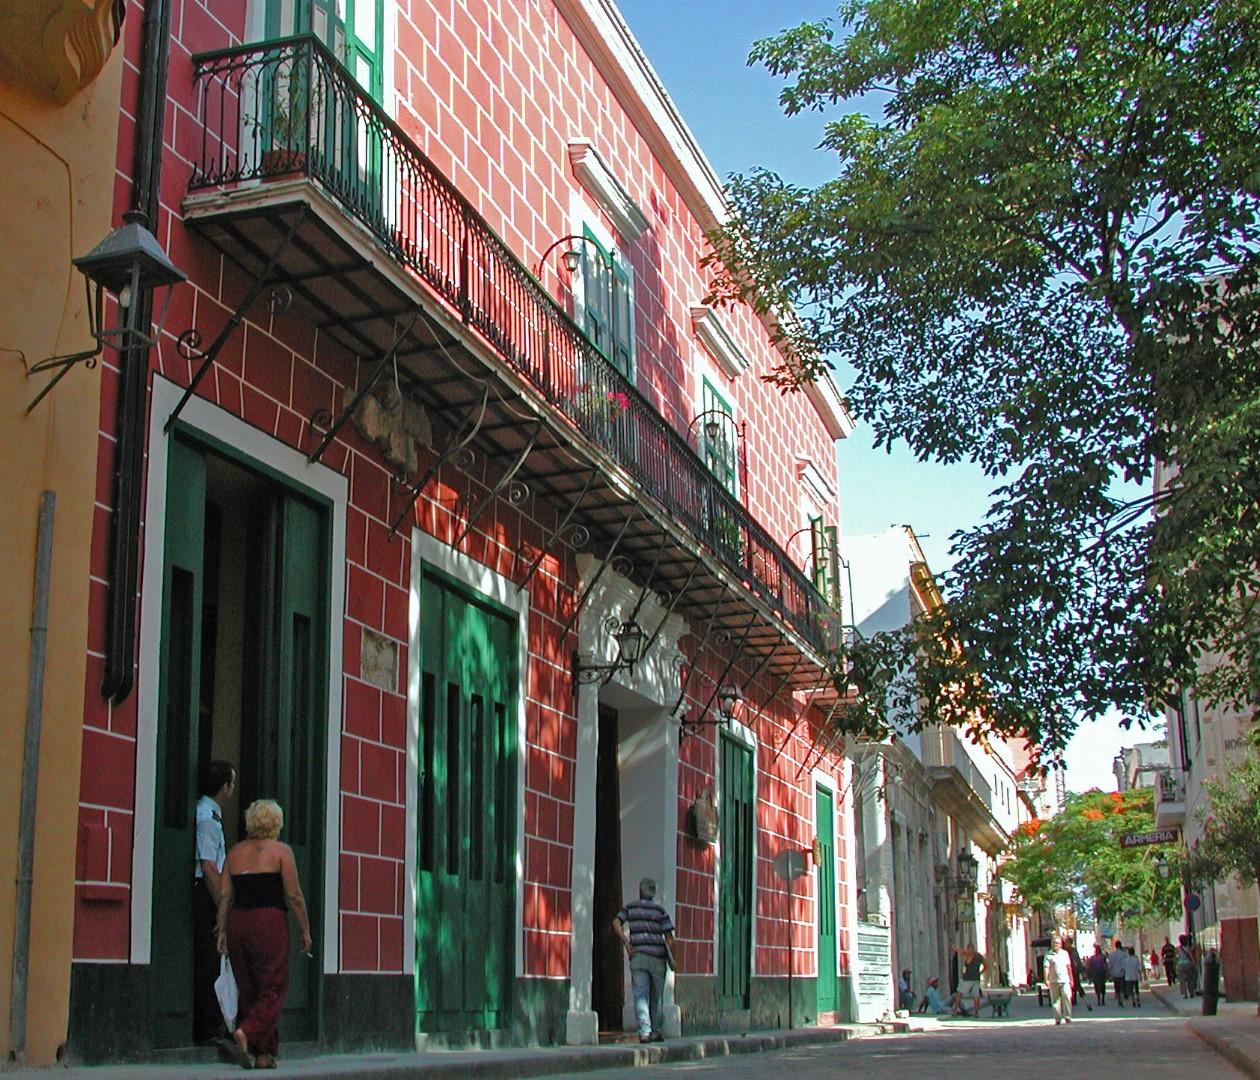 Street view of the Hotel Conde de Villanueva in Havana, Cuba